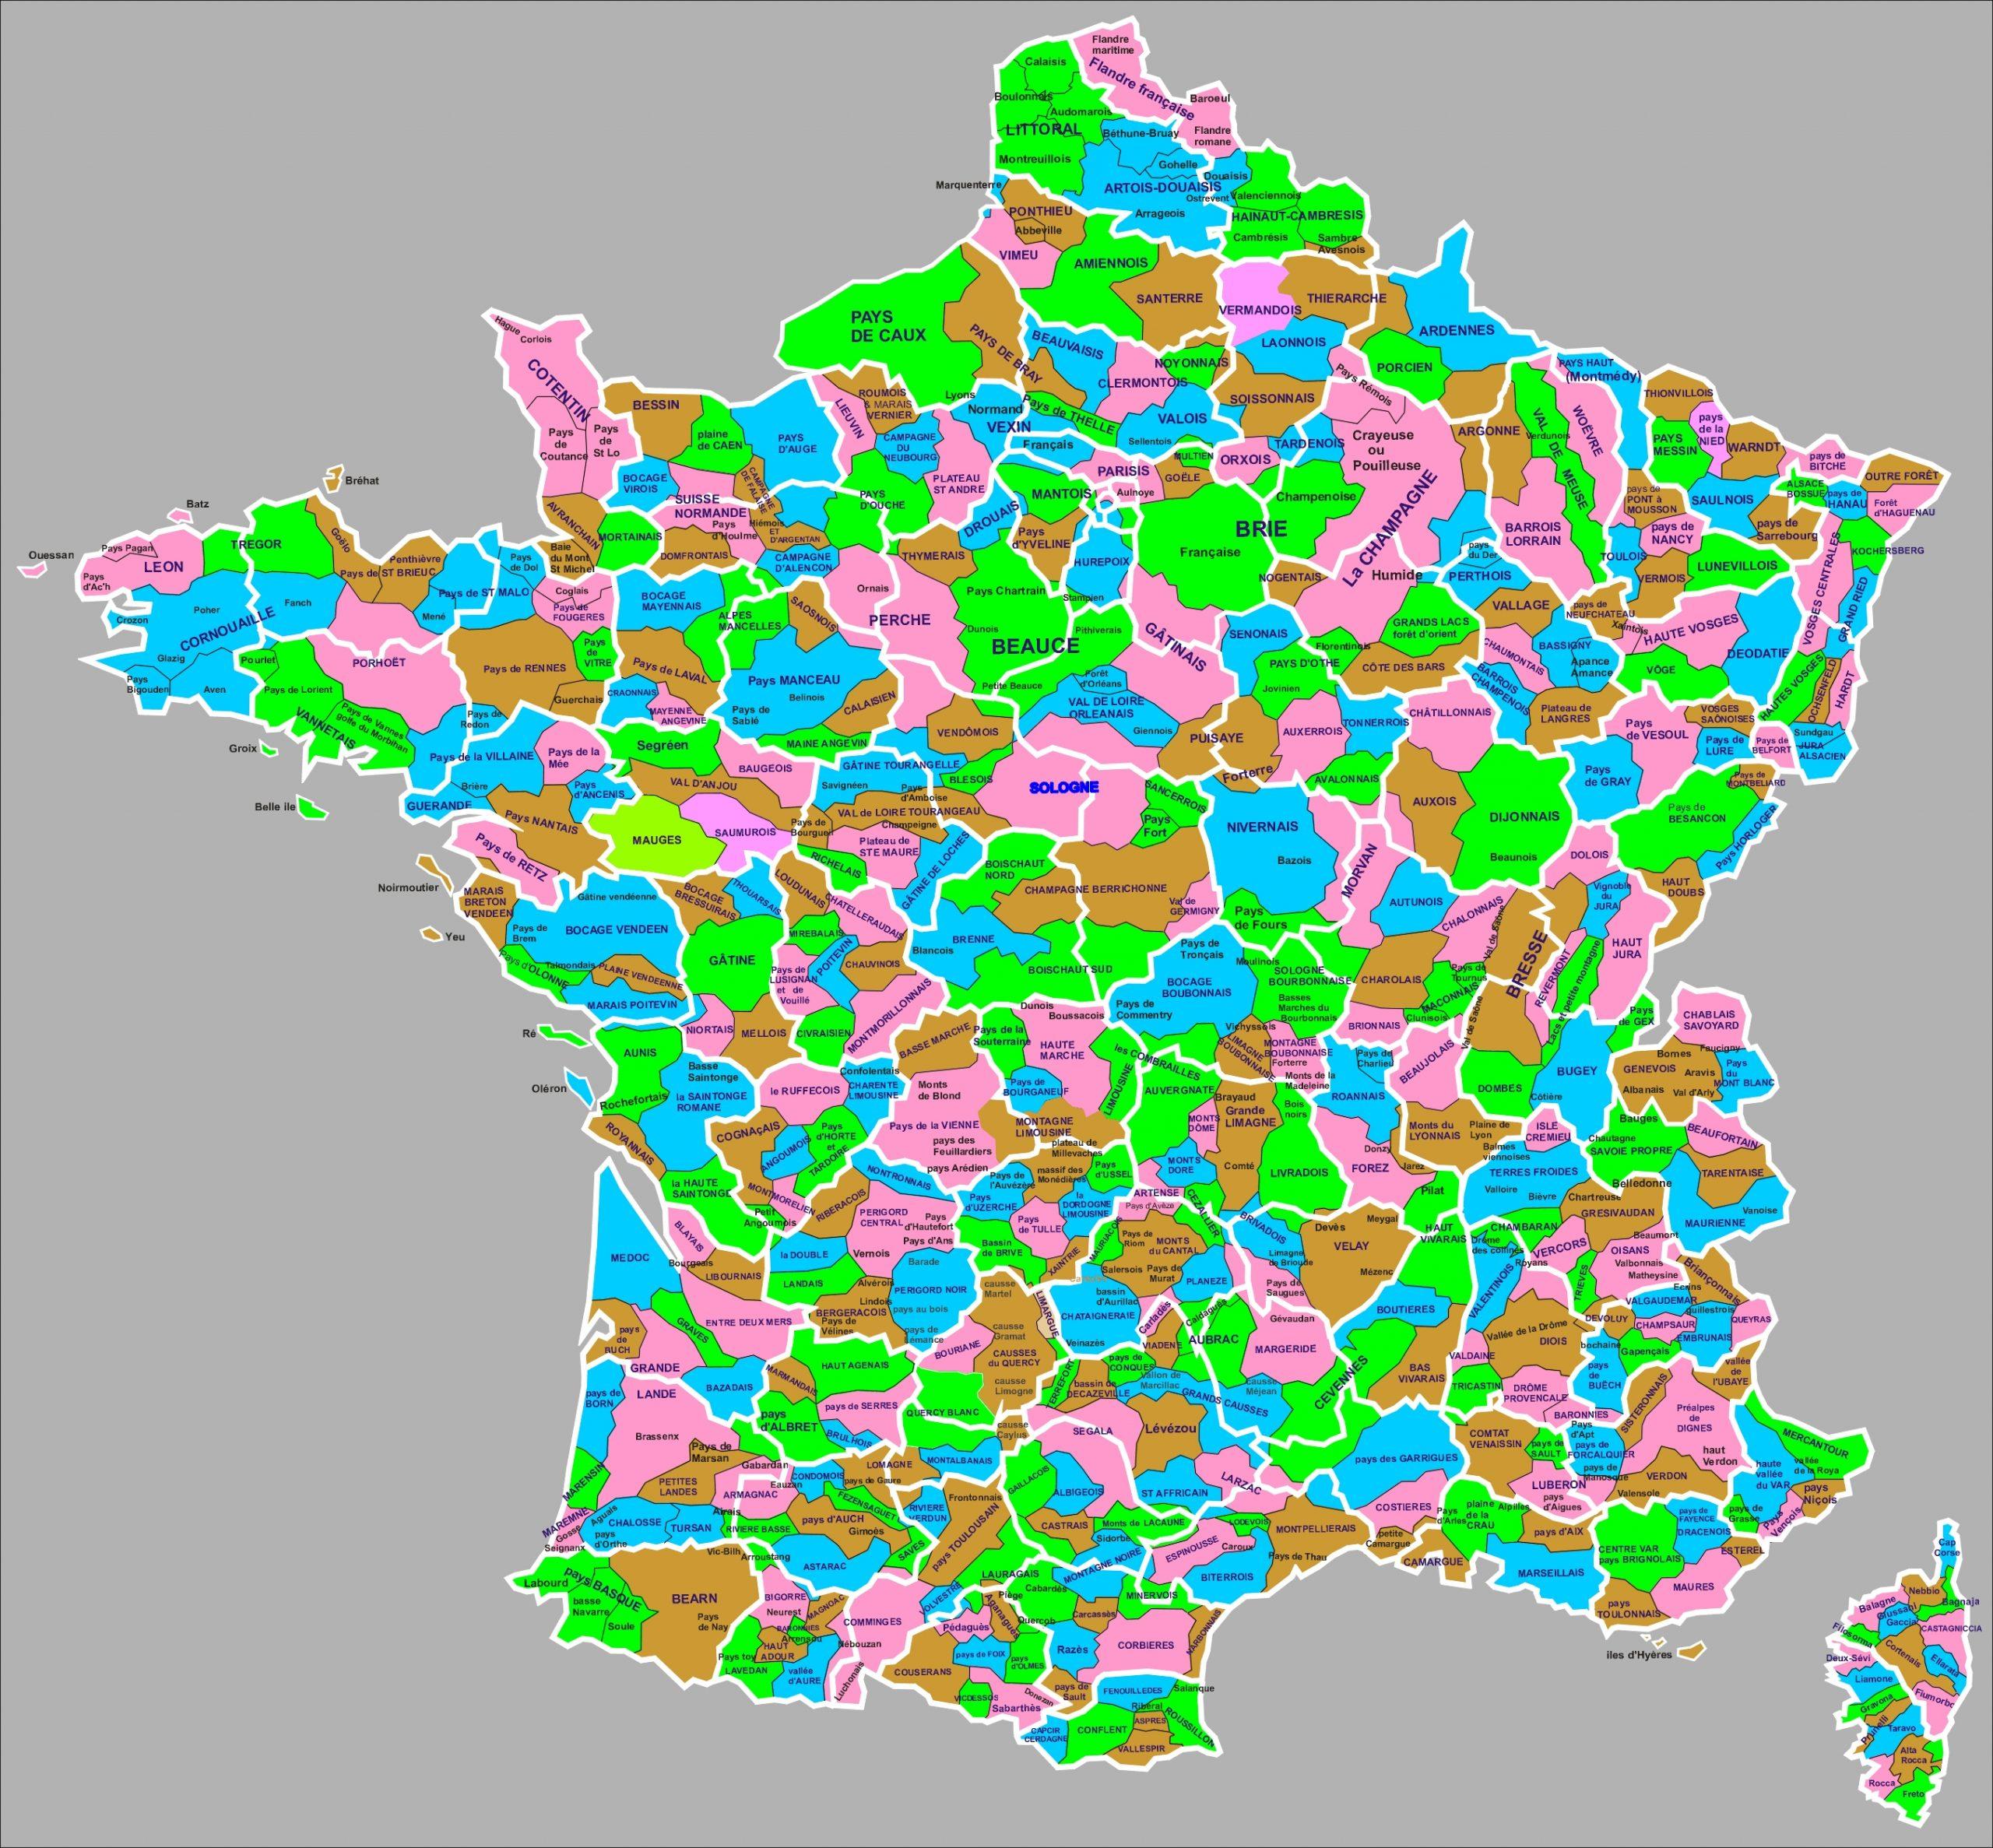 Liste Des Régions Naturelles De France — Wikipédia destiné Petite Carte De France A Imprimer